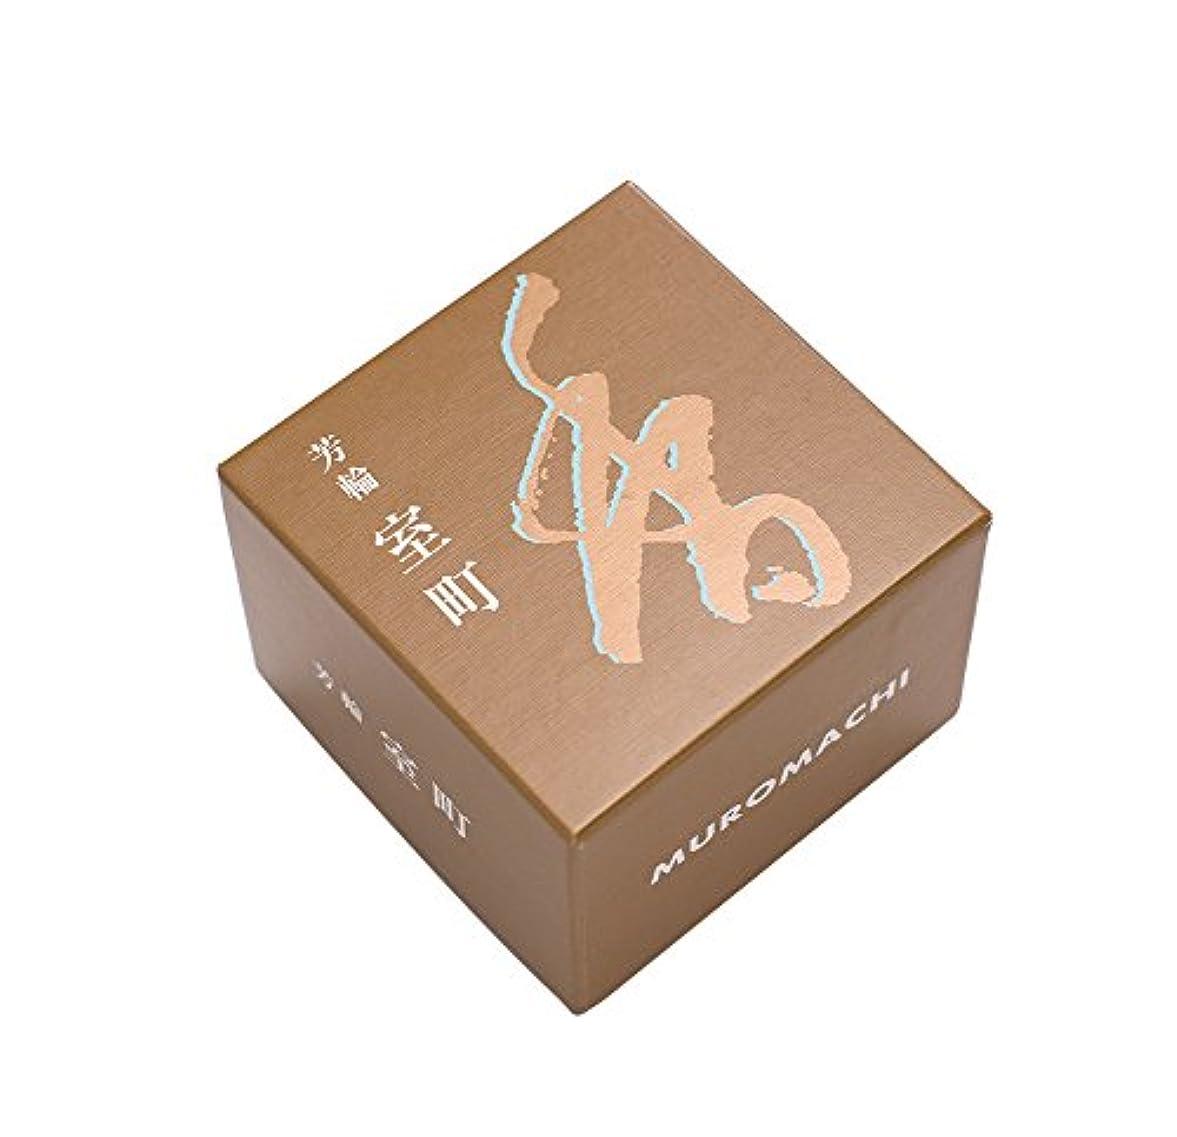 列挙するグラフトーン松栄堂のお香 芳輪室町 渦巻型10枚入 うてな角型付 #210421